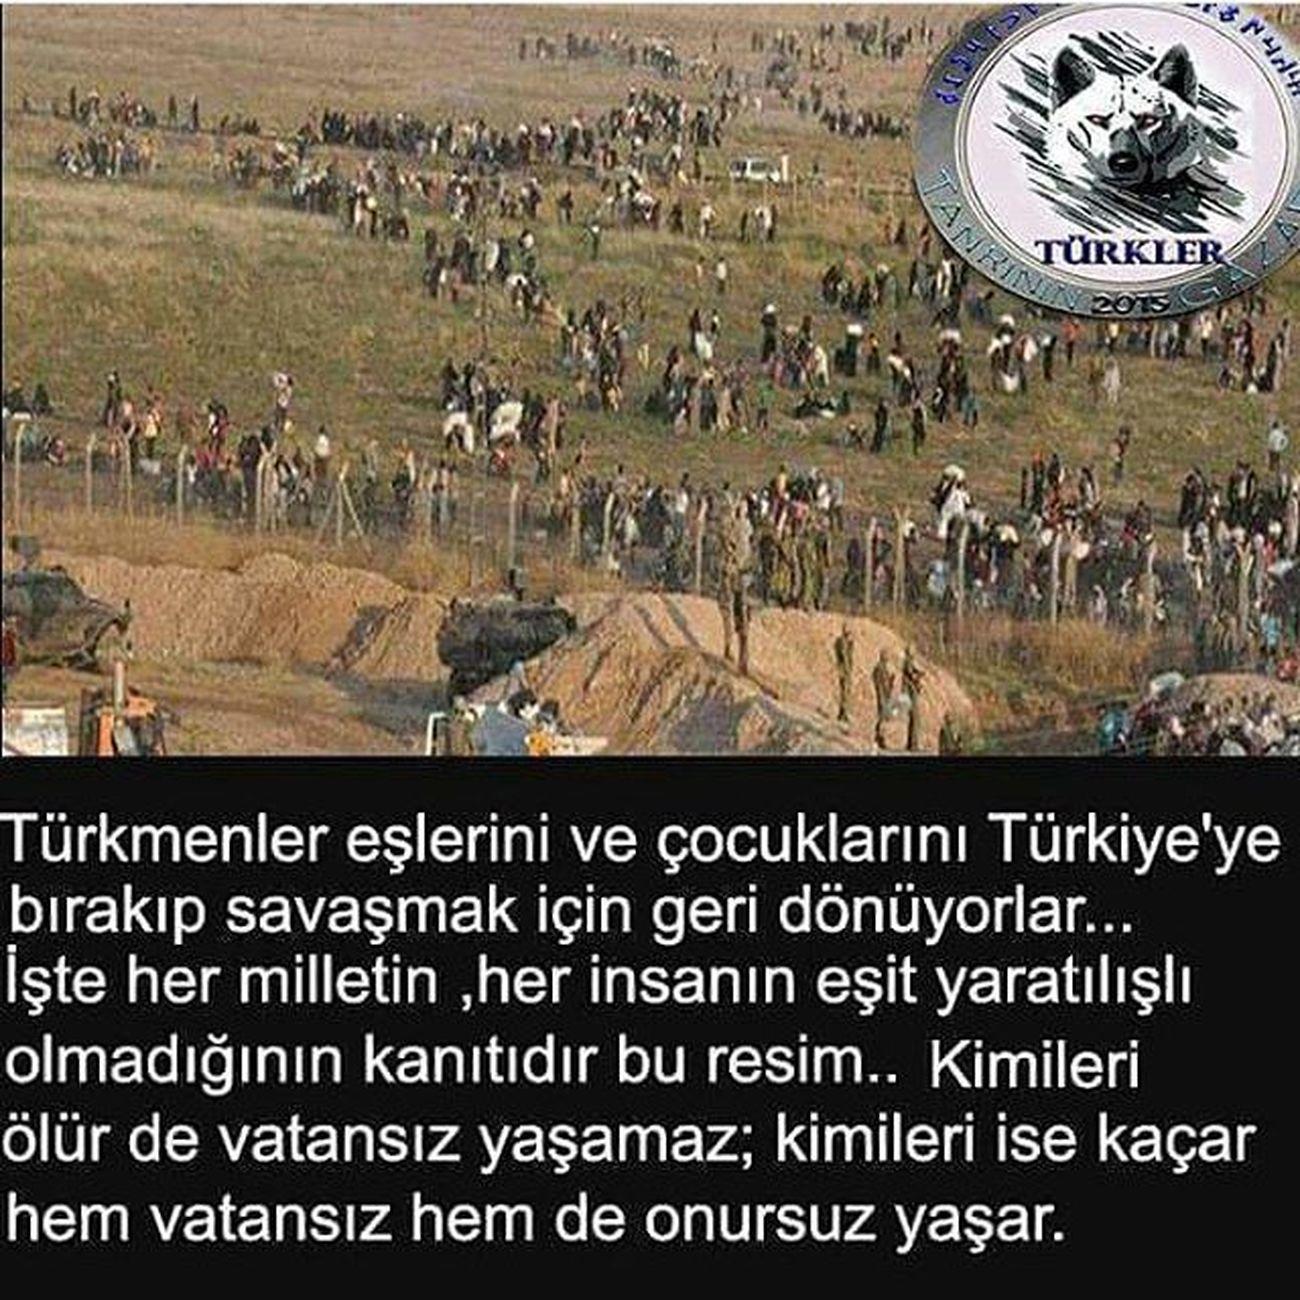 Allah Turku Korusun Onurlu Kardeslerim Allah Yanınızda Zafer Sizindir Turkmen Bayırbucak Türkmendağı